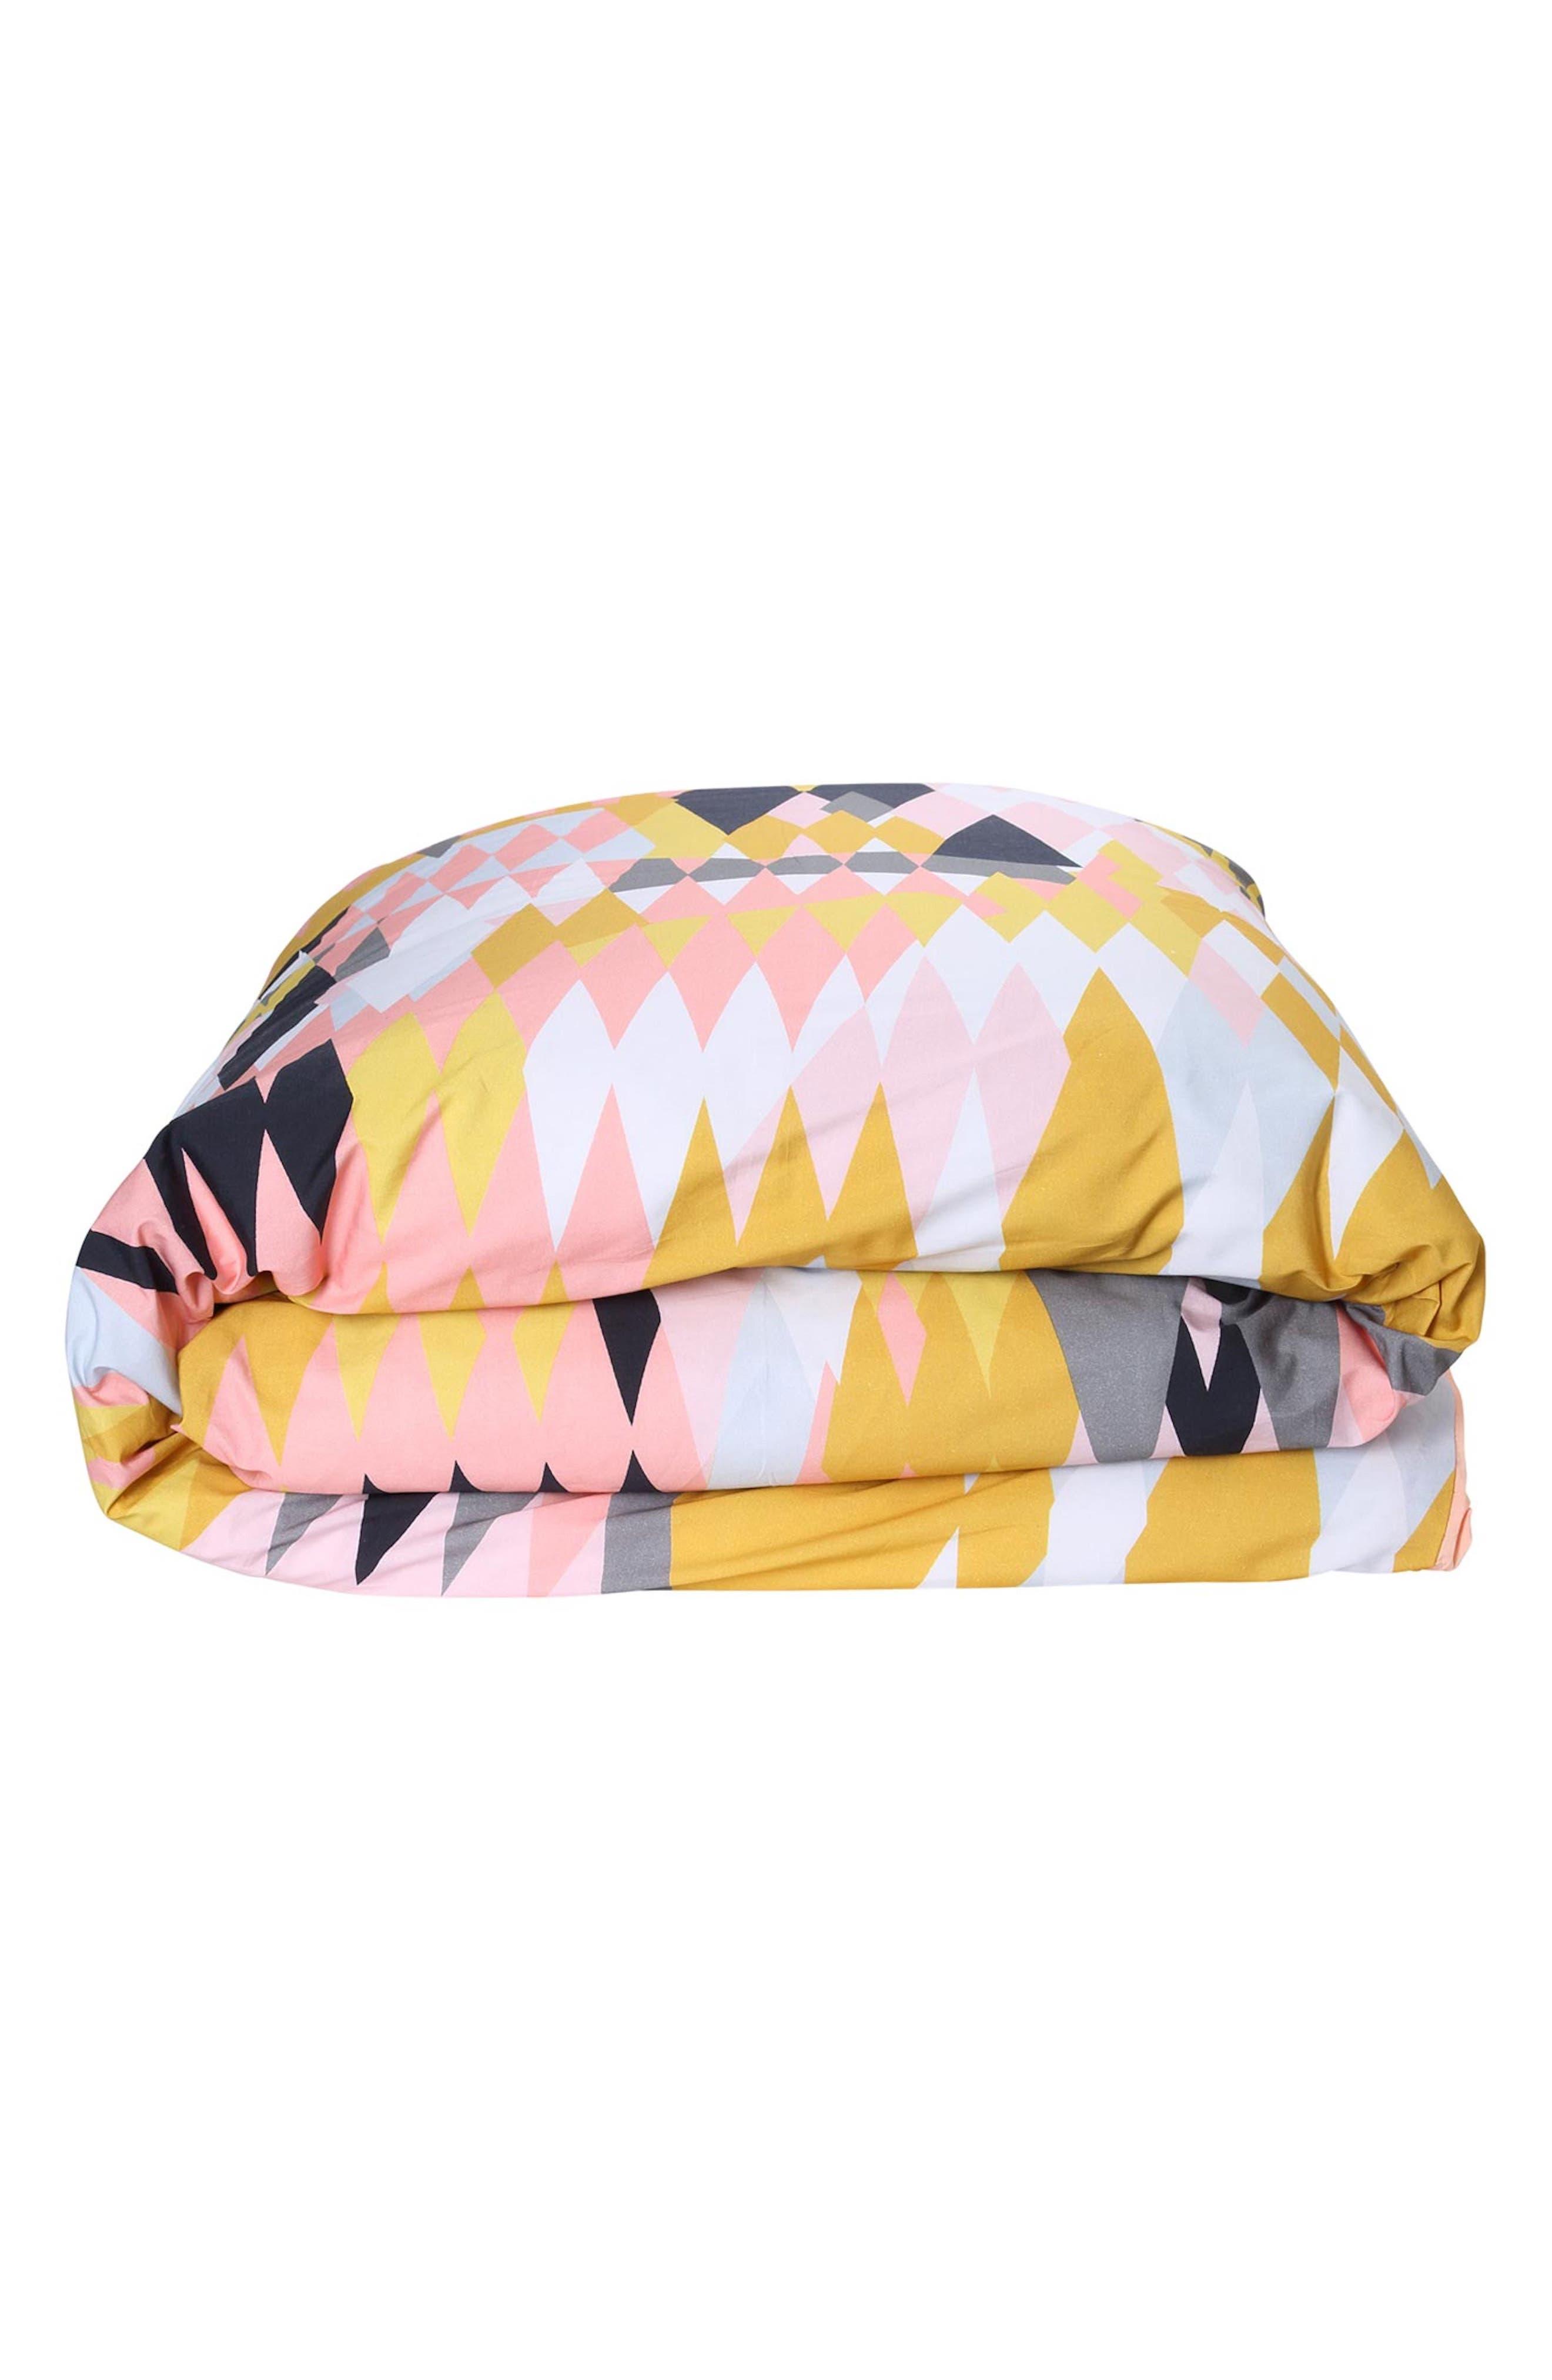 Croc Desert Cotton Duvet Cover,                         Main,                         color, Multi